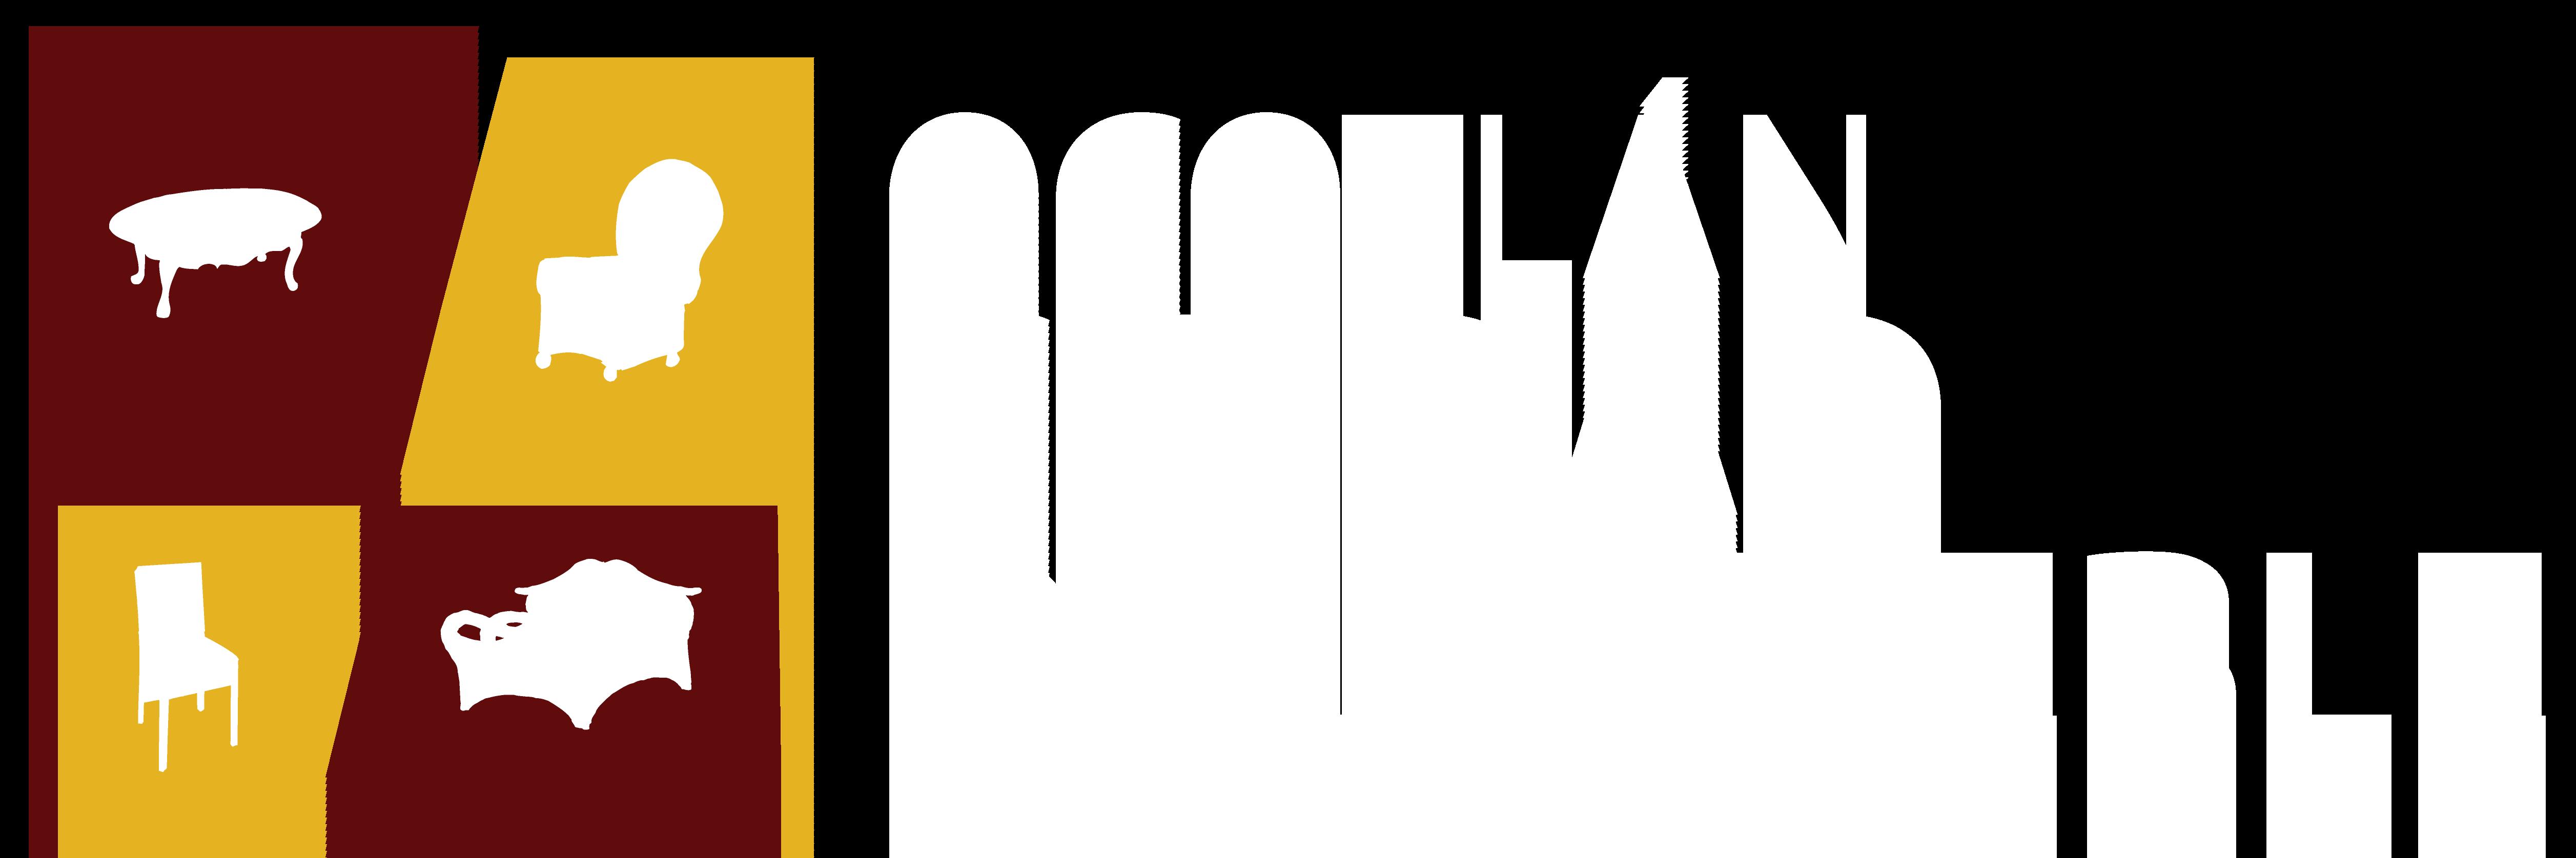 Ocotl n ciudad del mueble for Mueblerias famosas